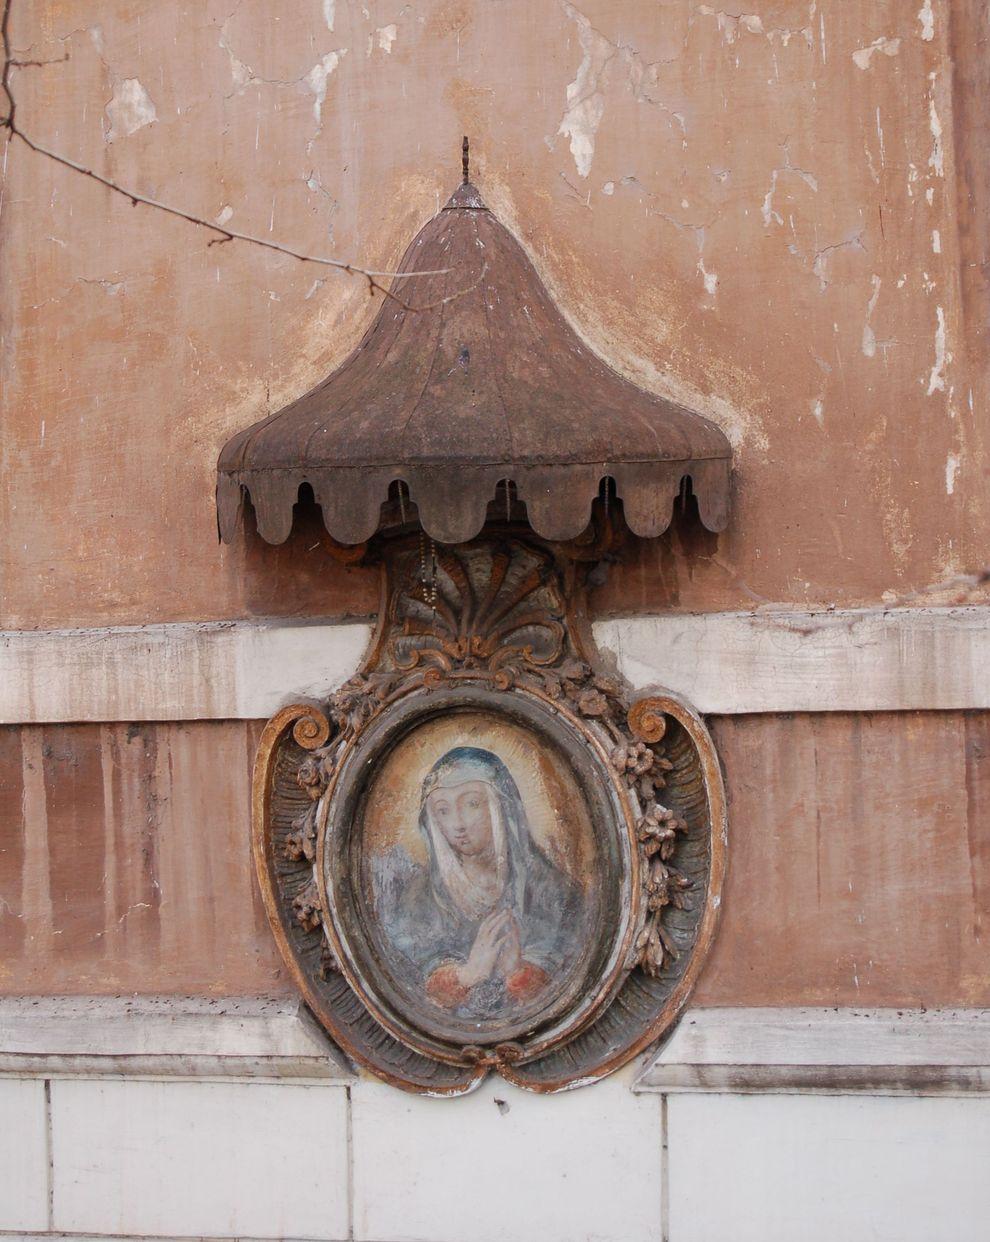 a na rogu każdej kamienicy obraz Matki Boskiej … Częstochowa? Nie, to RZYM!